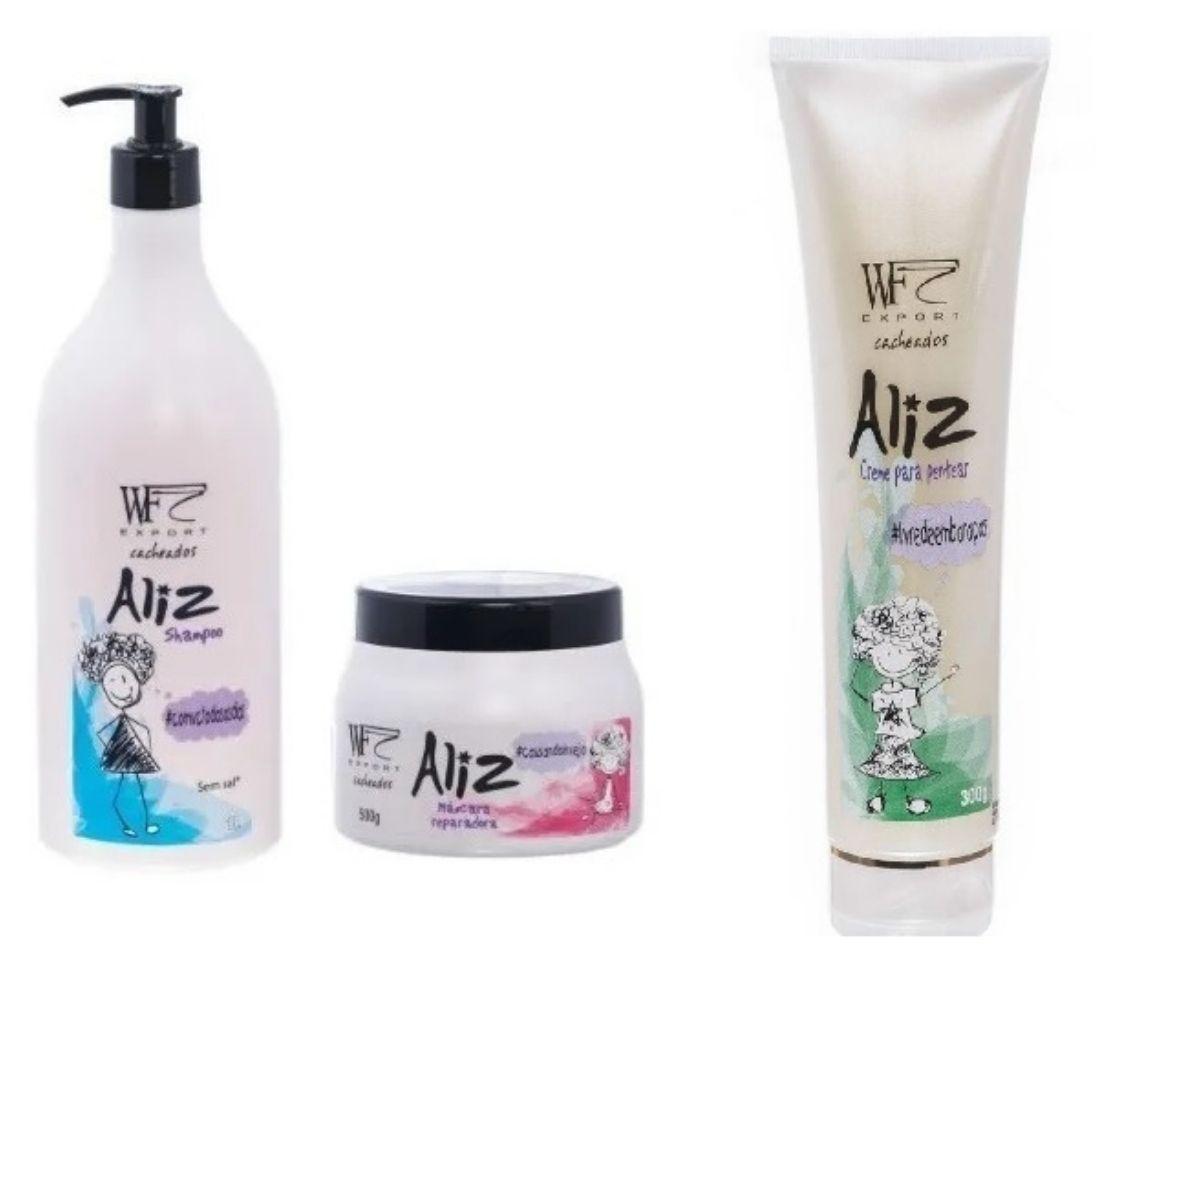 Kit Wf Cosméticos Aliz Tratamento Professional  (3 Produtos)